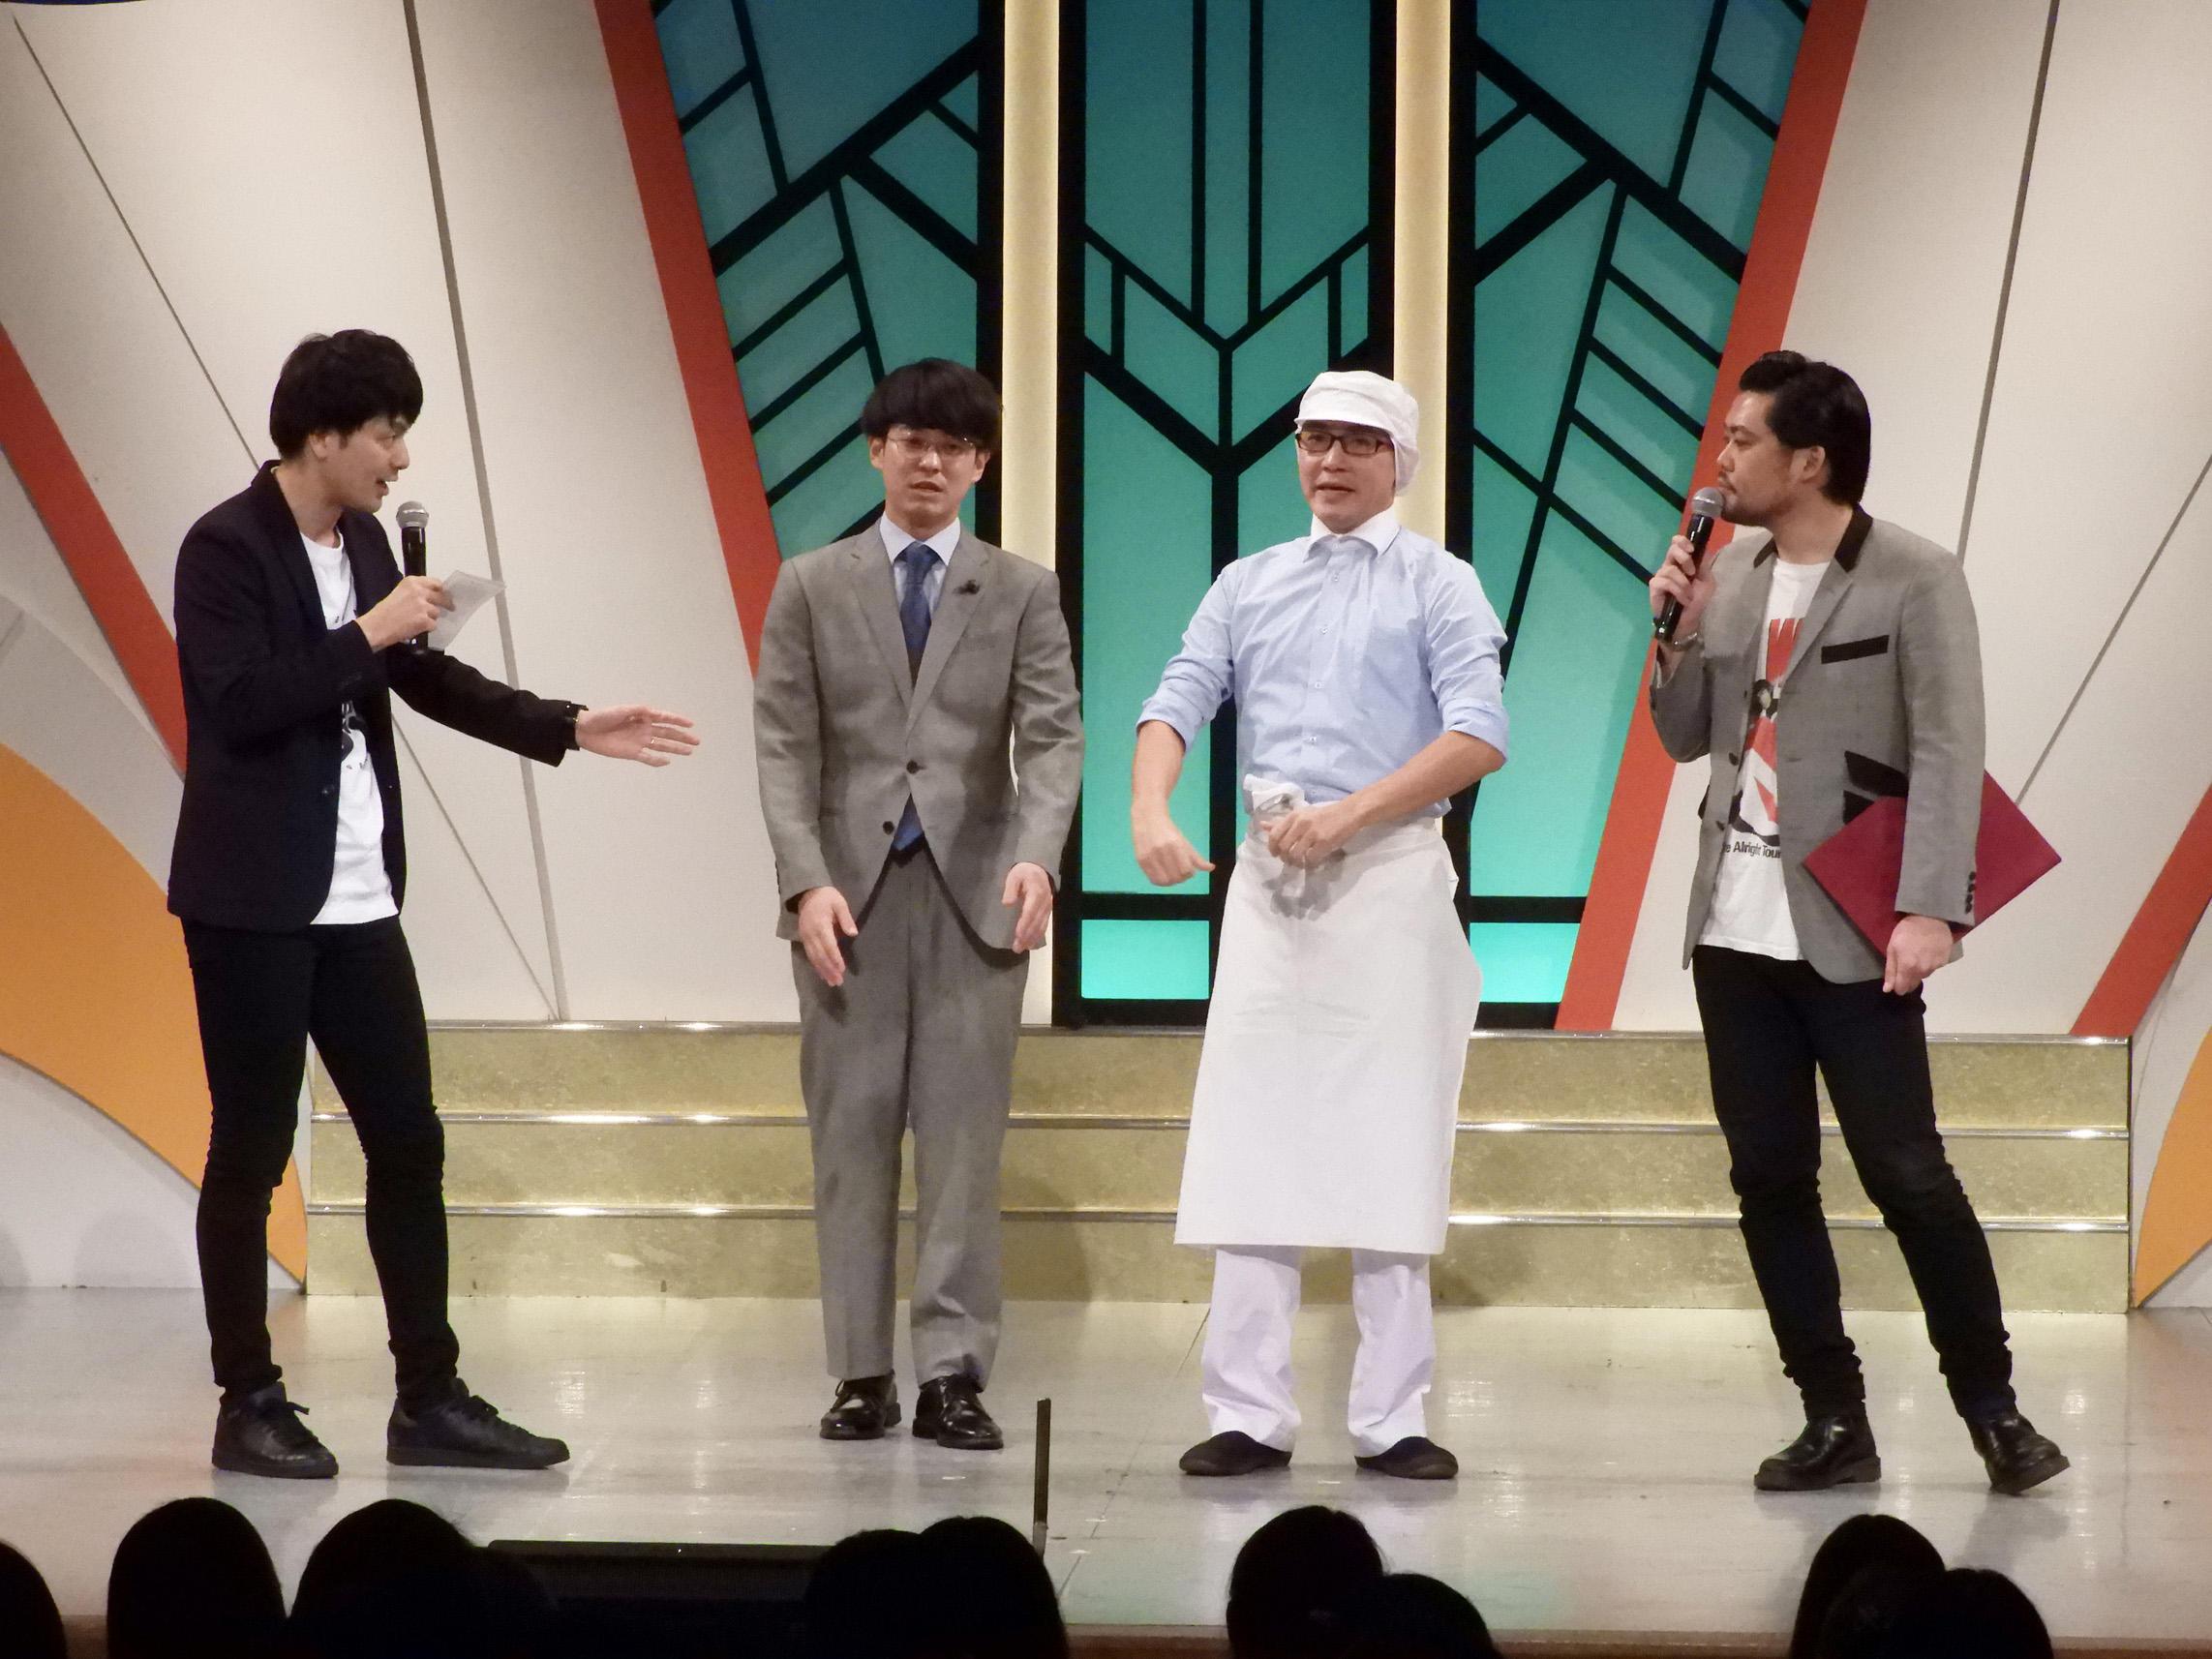 http://news.yoshimoto.co.jp/20181109121337-0ea52910a213941e53c7bb9aac93e6e829c689d4.jpg